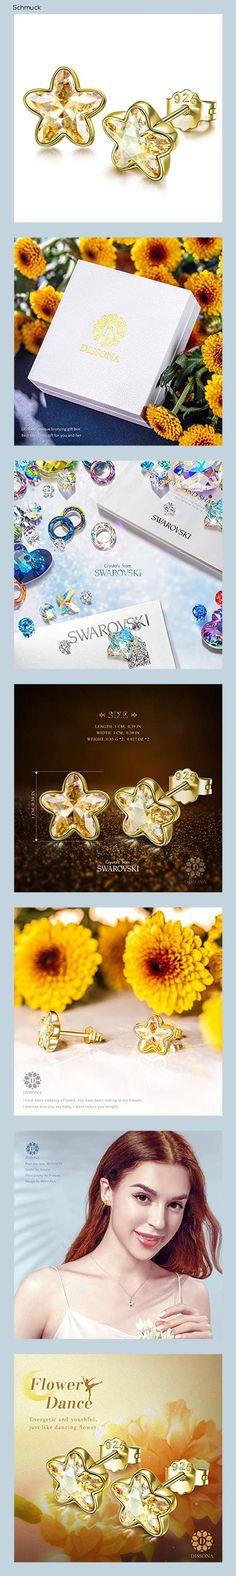 DISSONA ohrringe silber 925 für Frauen handmade: ohrringe ohrringe gold Kristalle von Swarovski ohrringe mädchen silber ohrringe damen 925 - 14hd